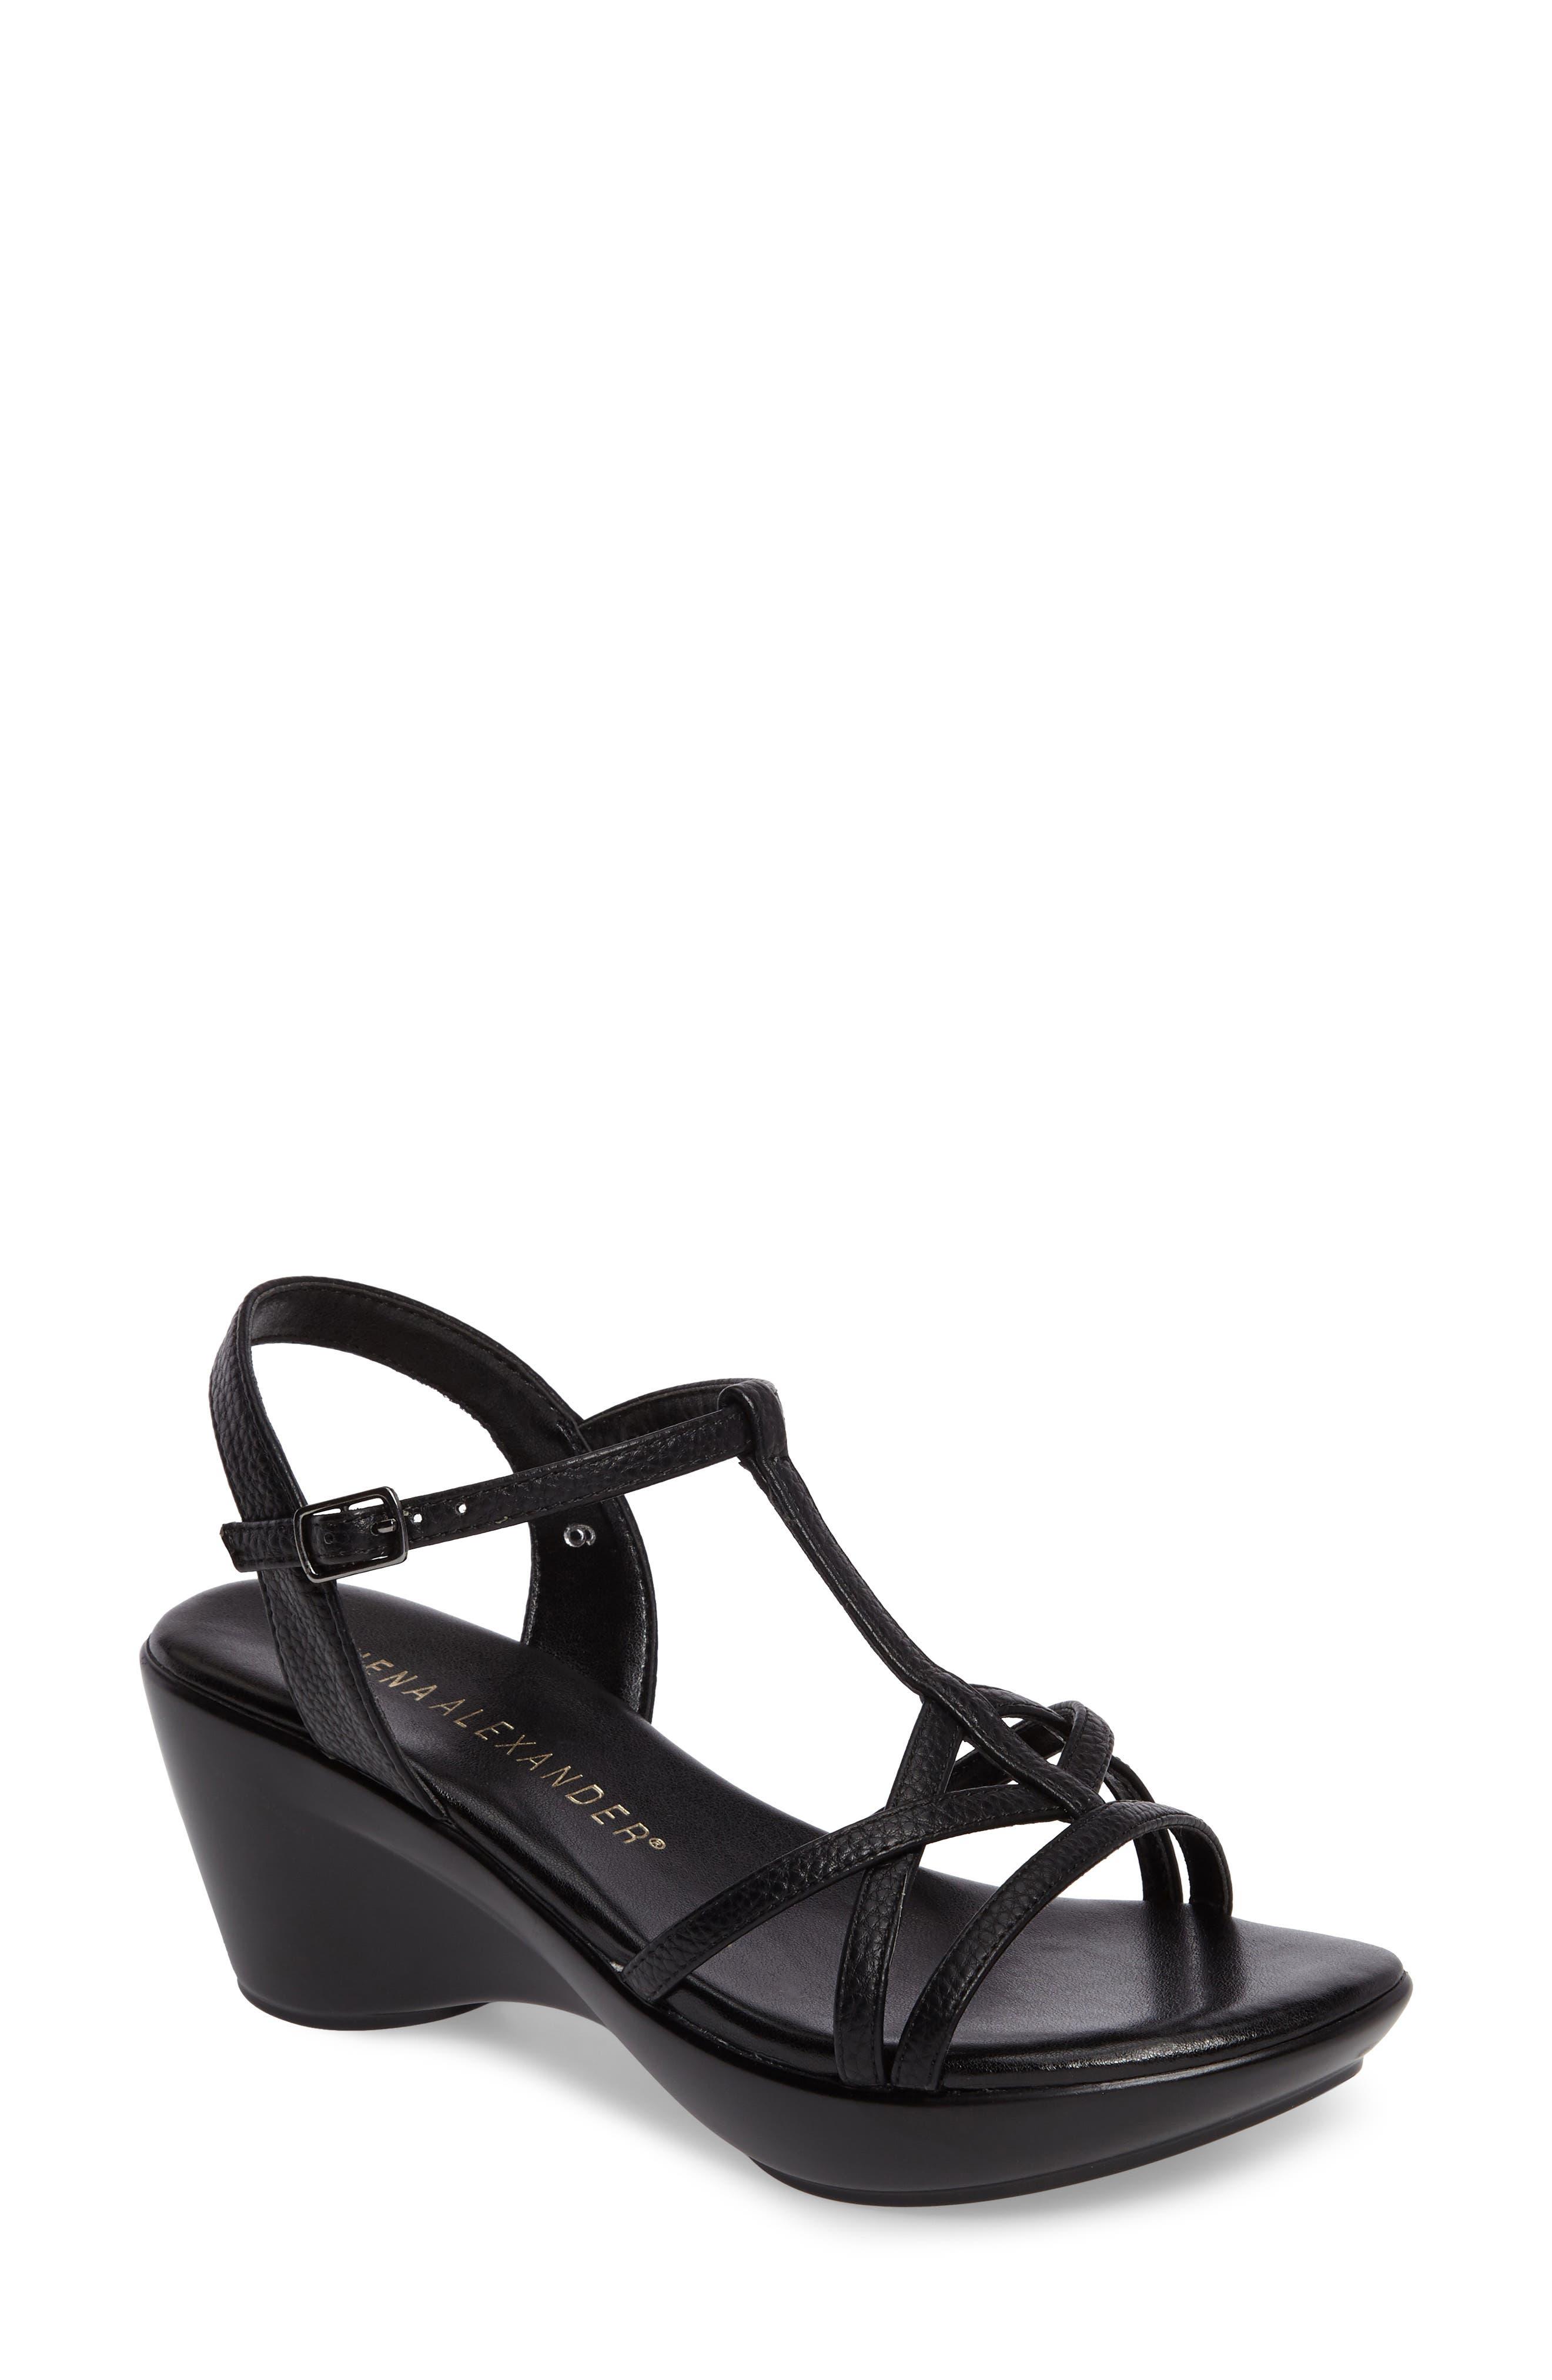 Cassort T-Strap Sandal,                         Main,                         color, Black Faux Leather